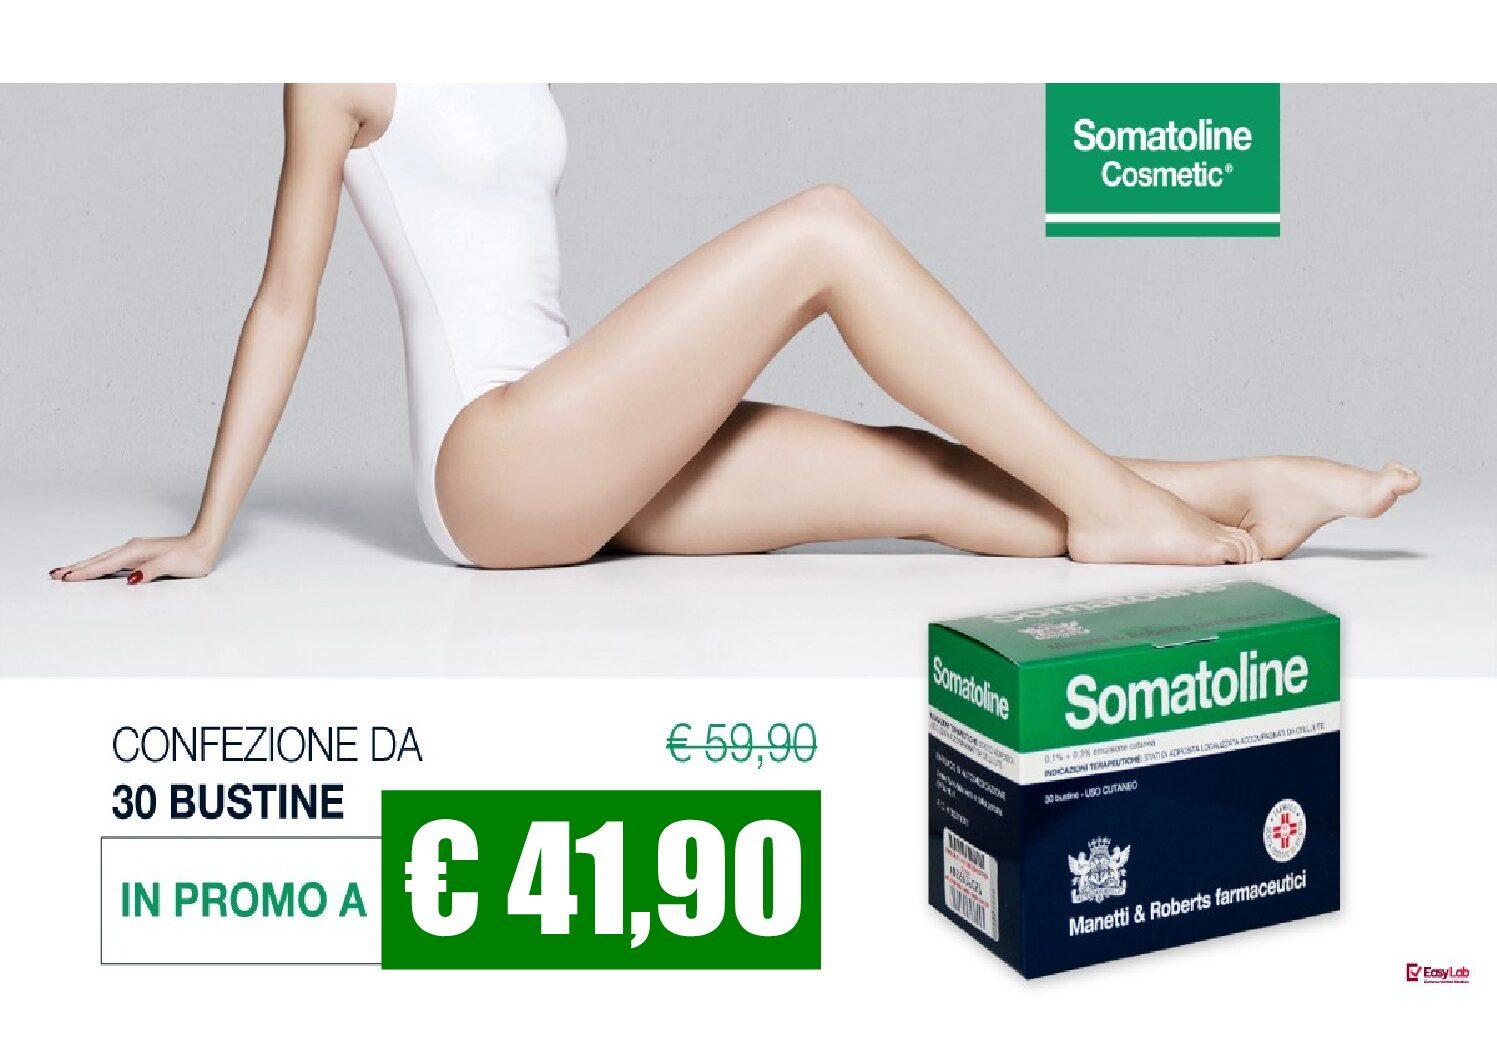 Oggi puoi scegliere la convenienza Somatoline